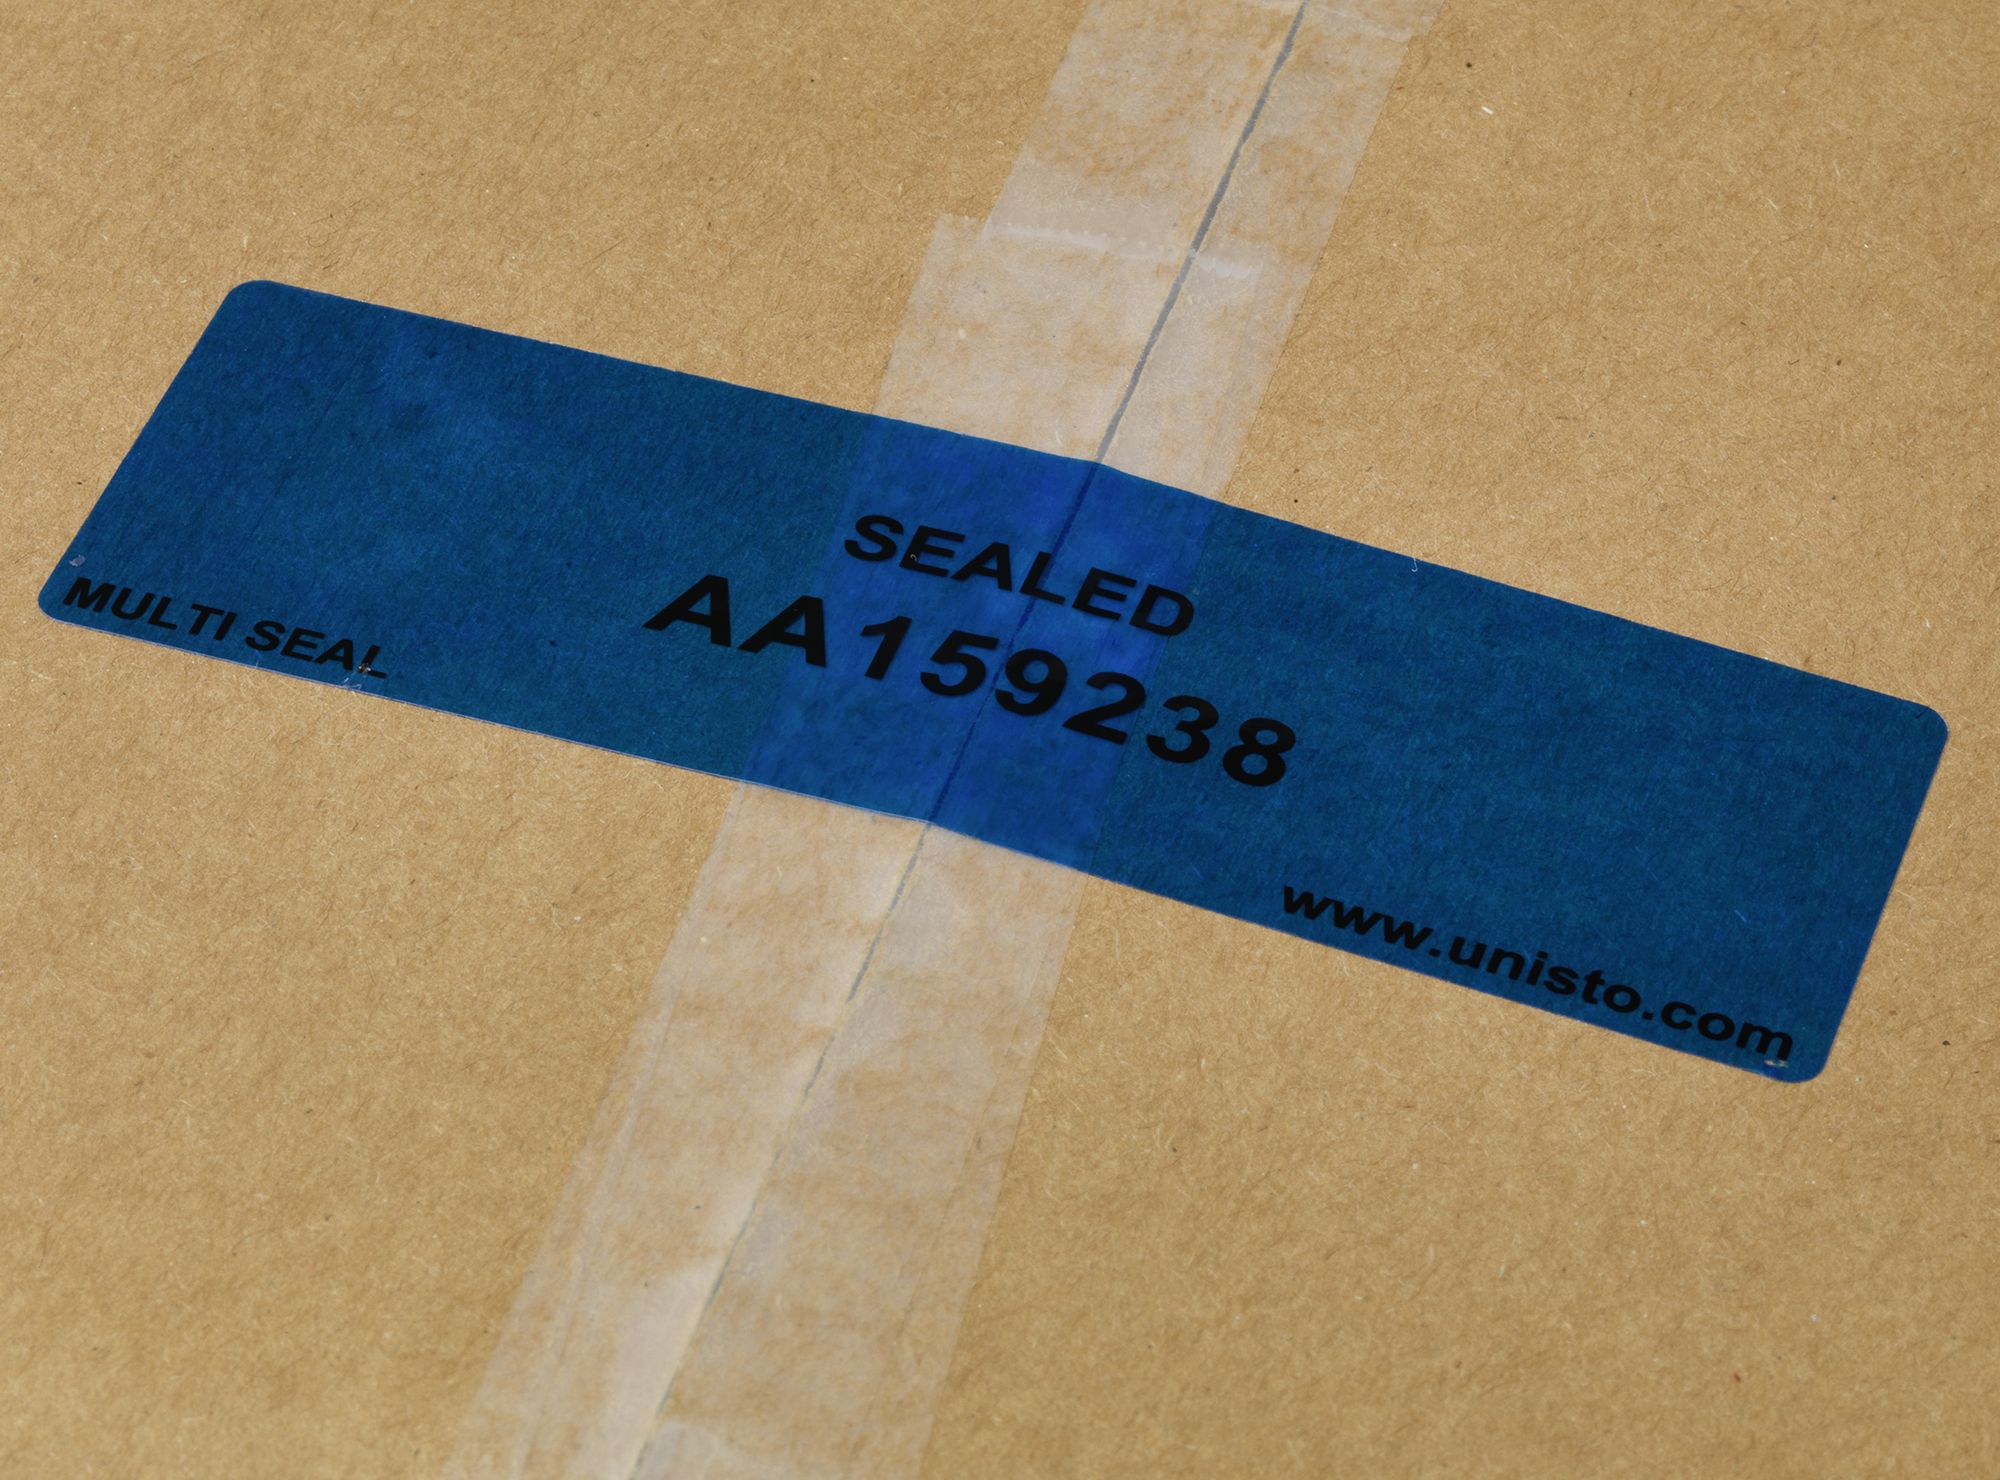 Étiquette de sécurité Unisto Multi Seal